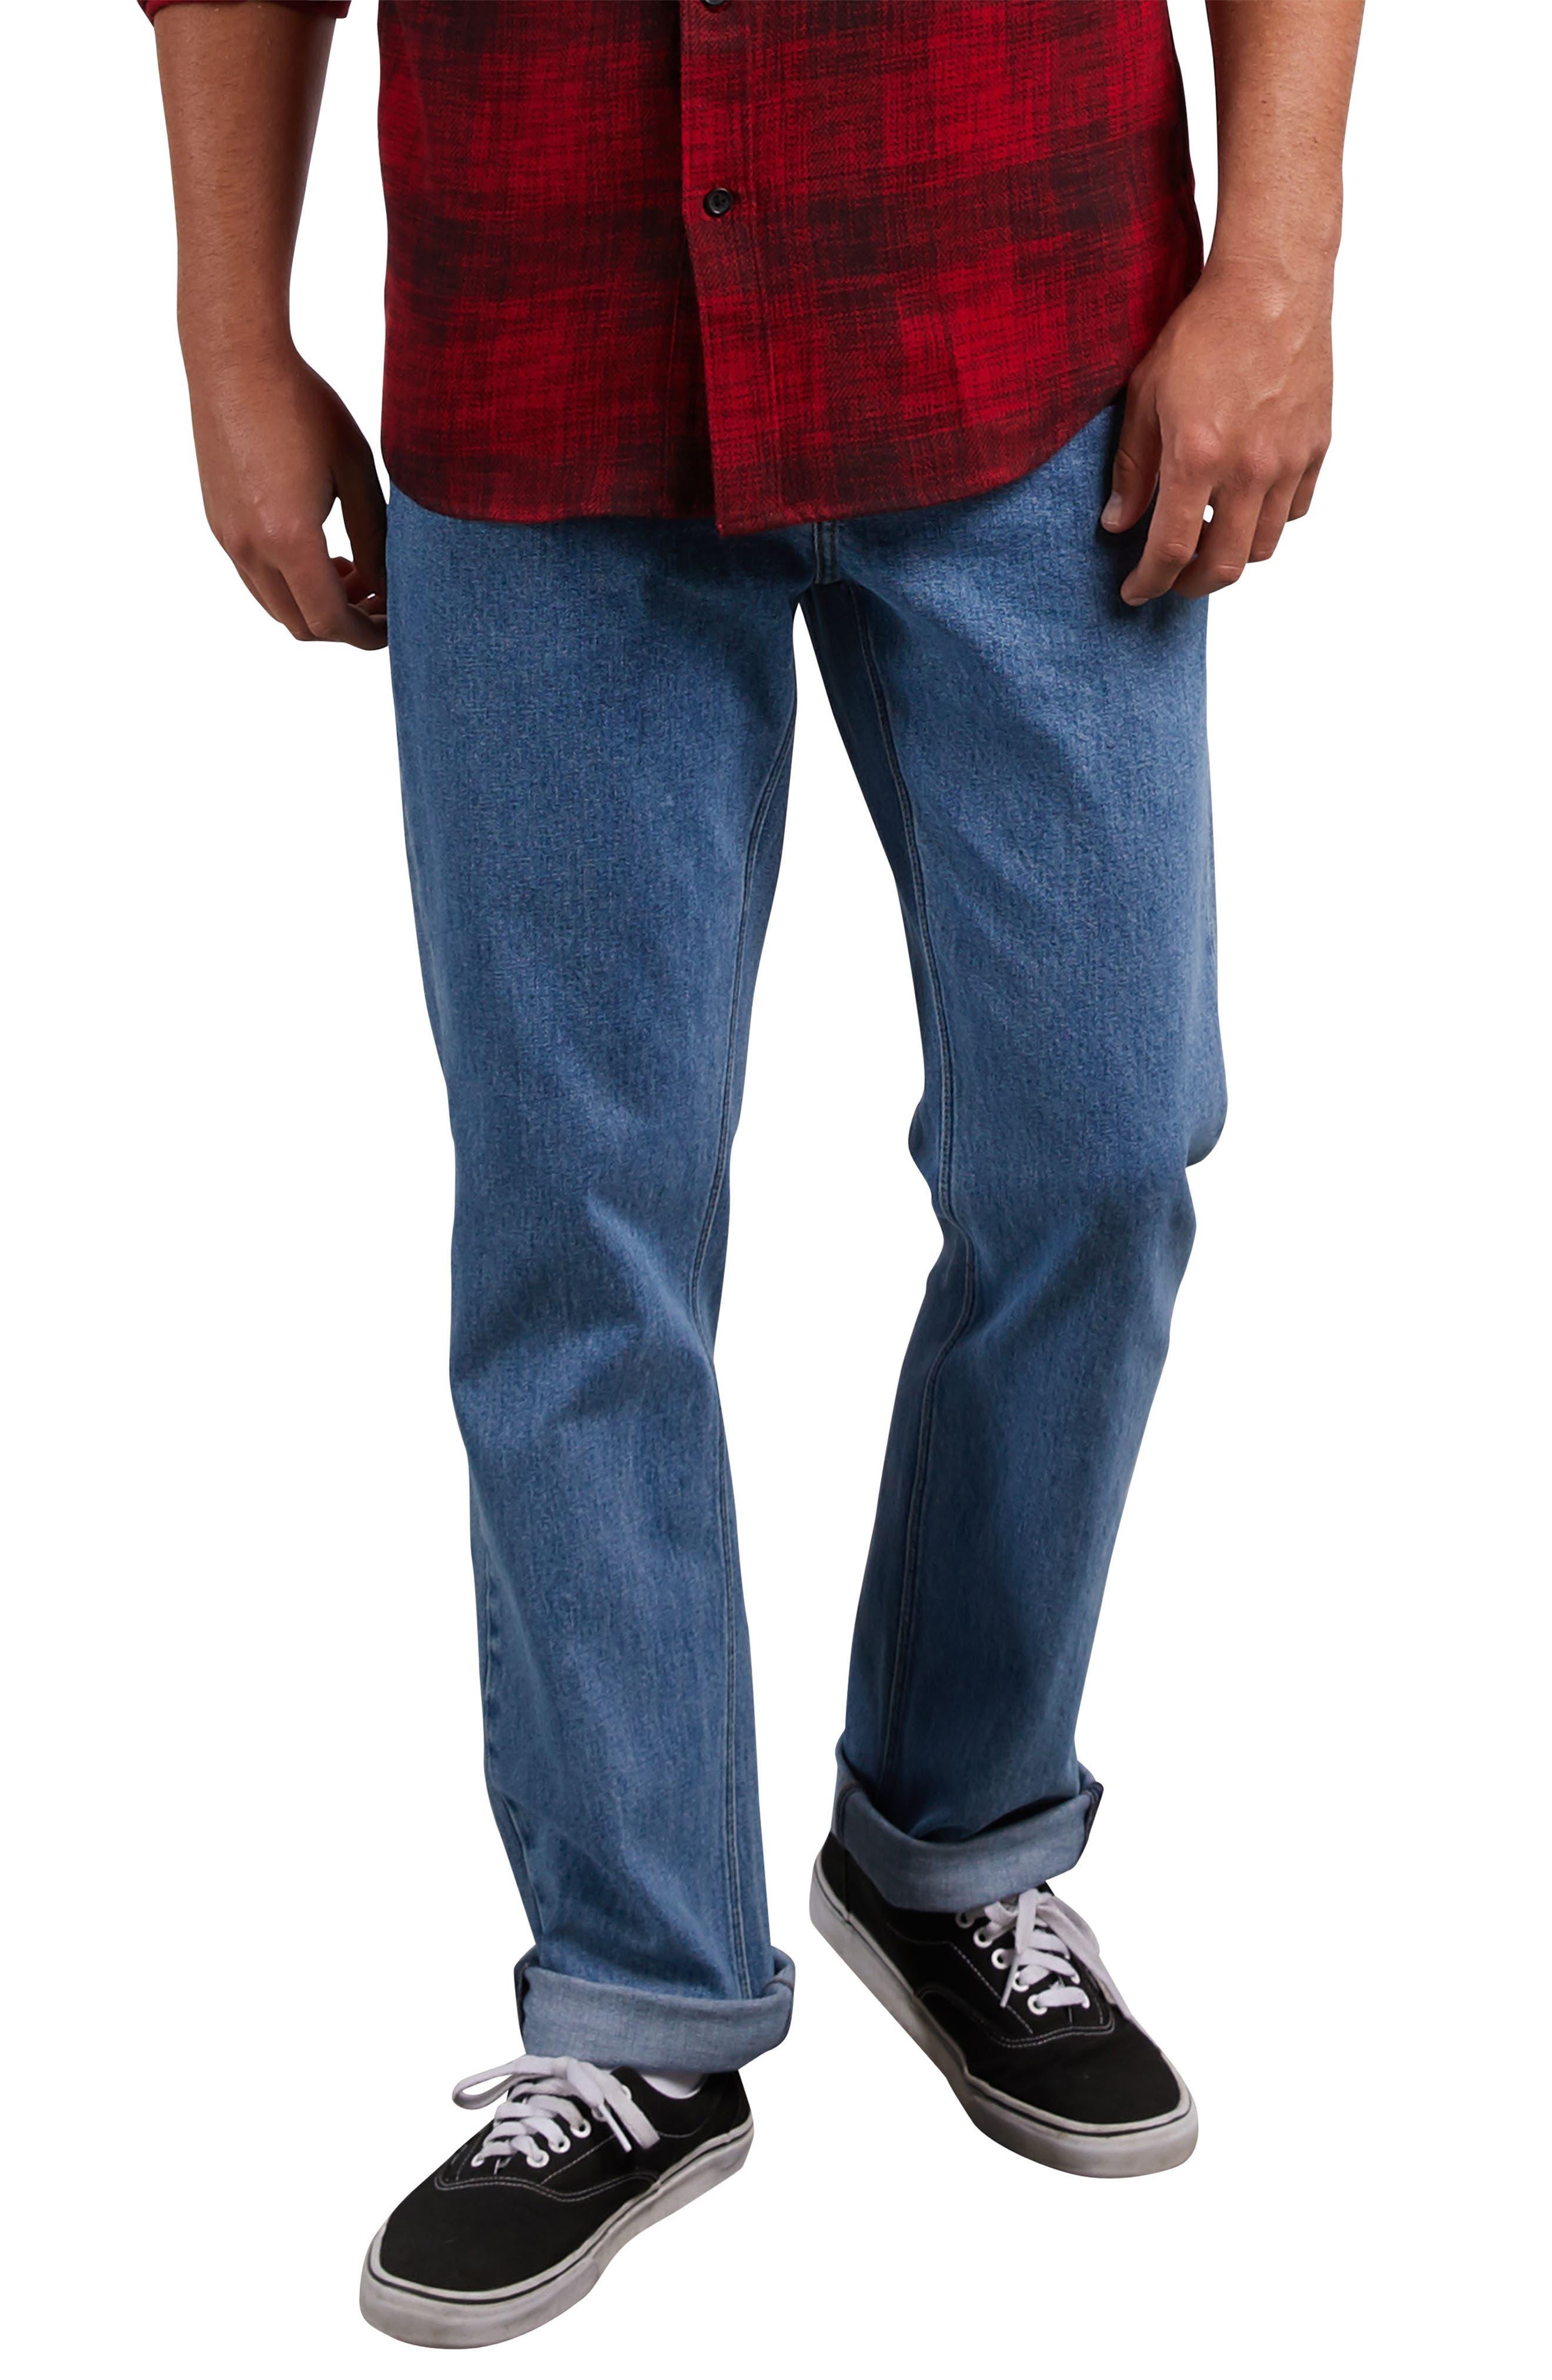 Solver Denim Pants,                         Main,                         color, STONE BLUE